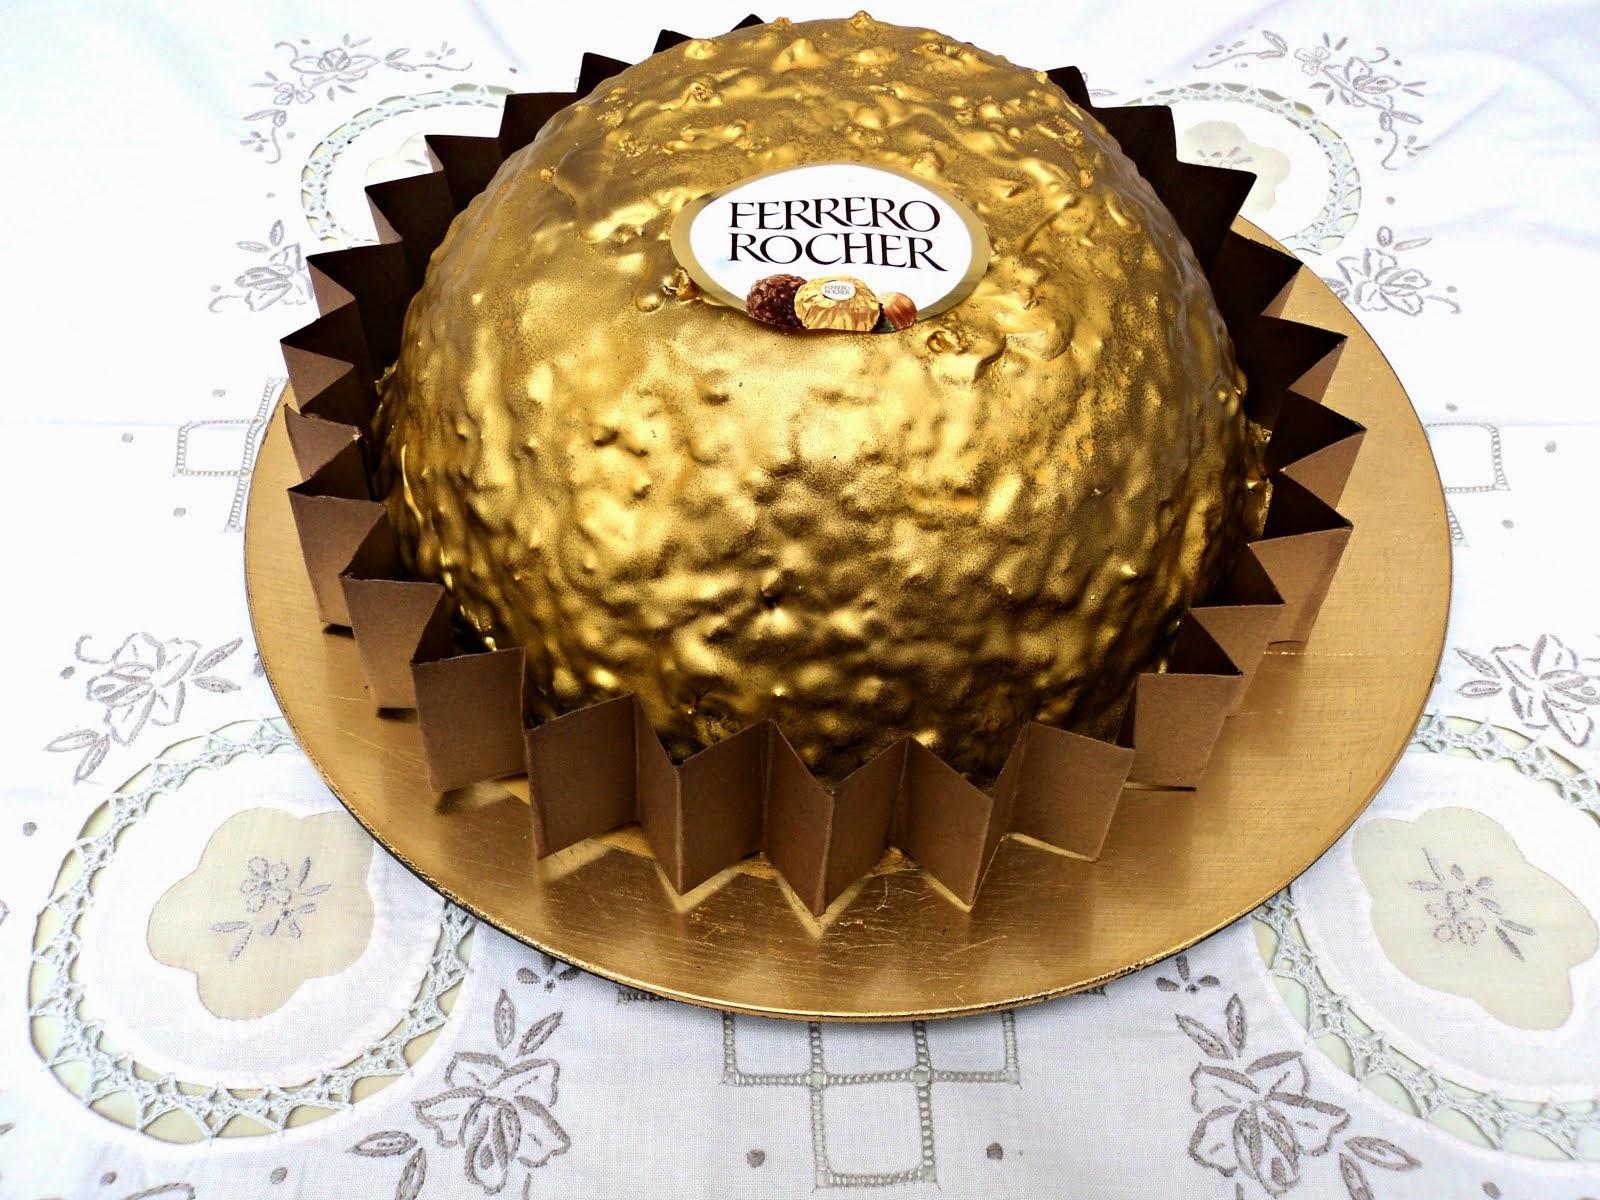 ¡¡¡¡Vota mi tarta todos los días!!!!!